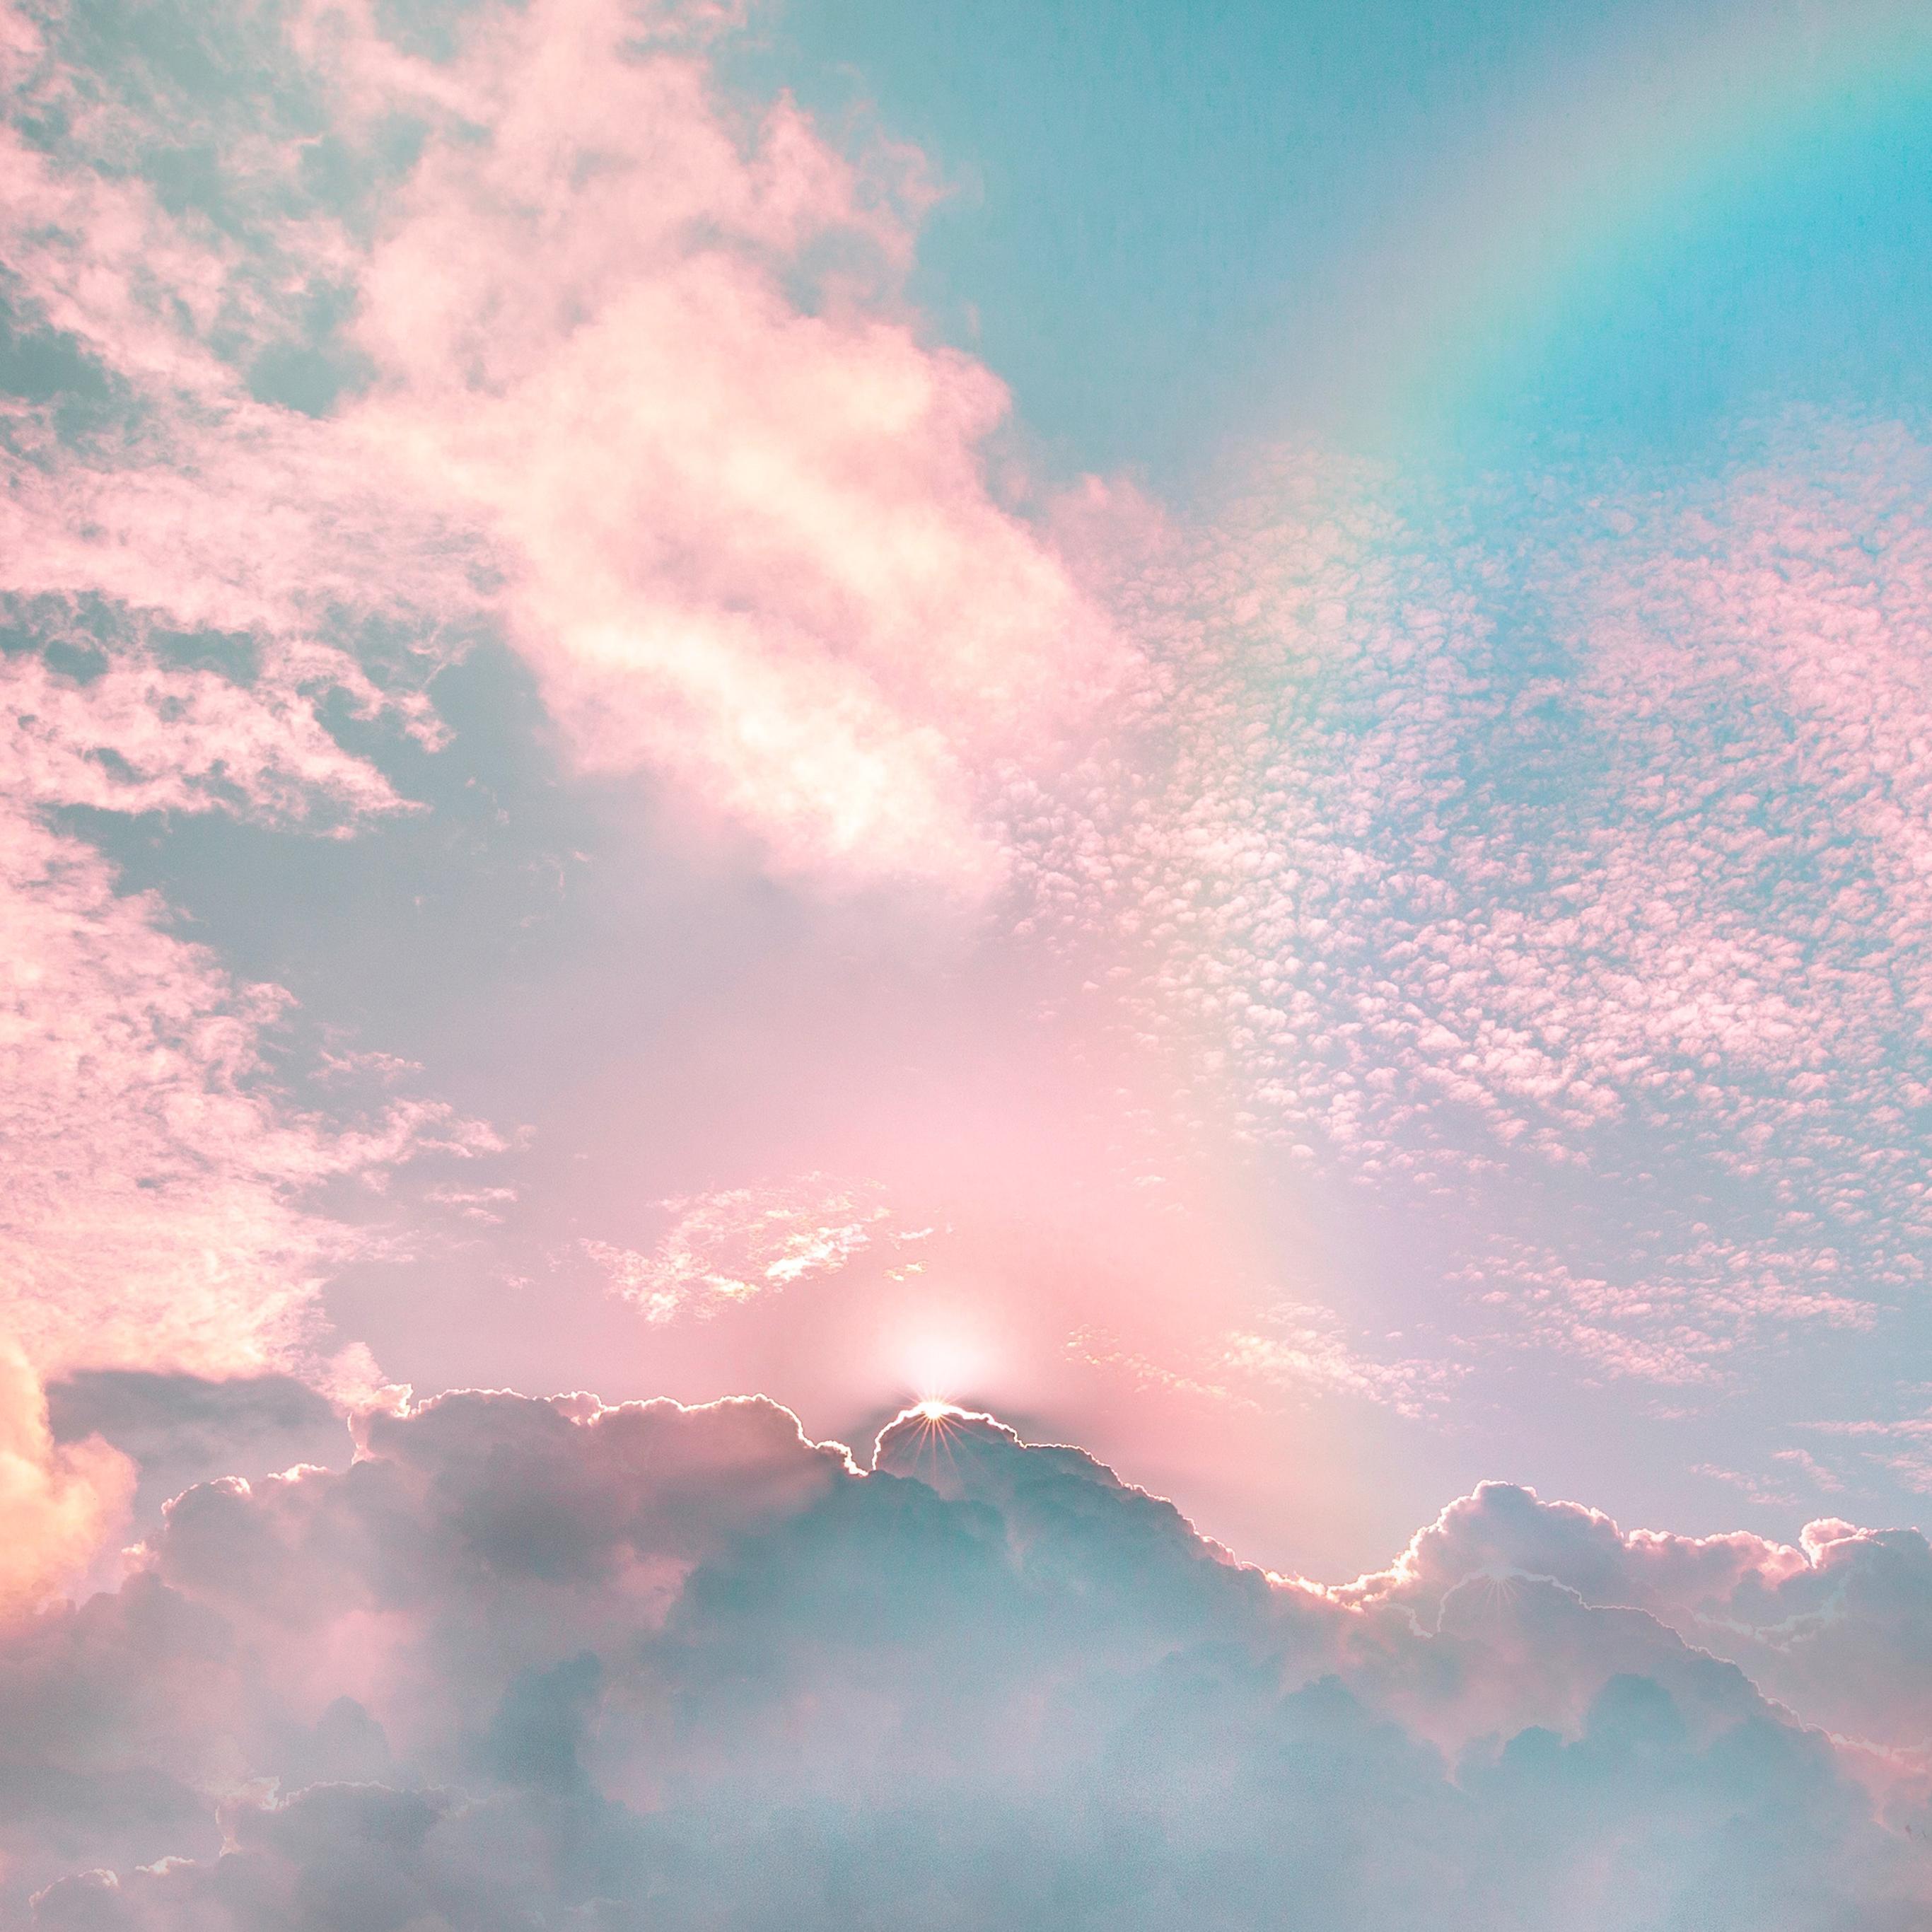 天空渐变彩虹天空苹果手机高清壁纸2732x2732 足球分析 首页